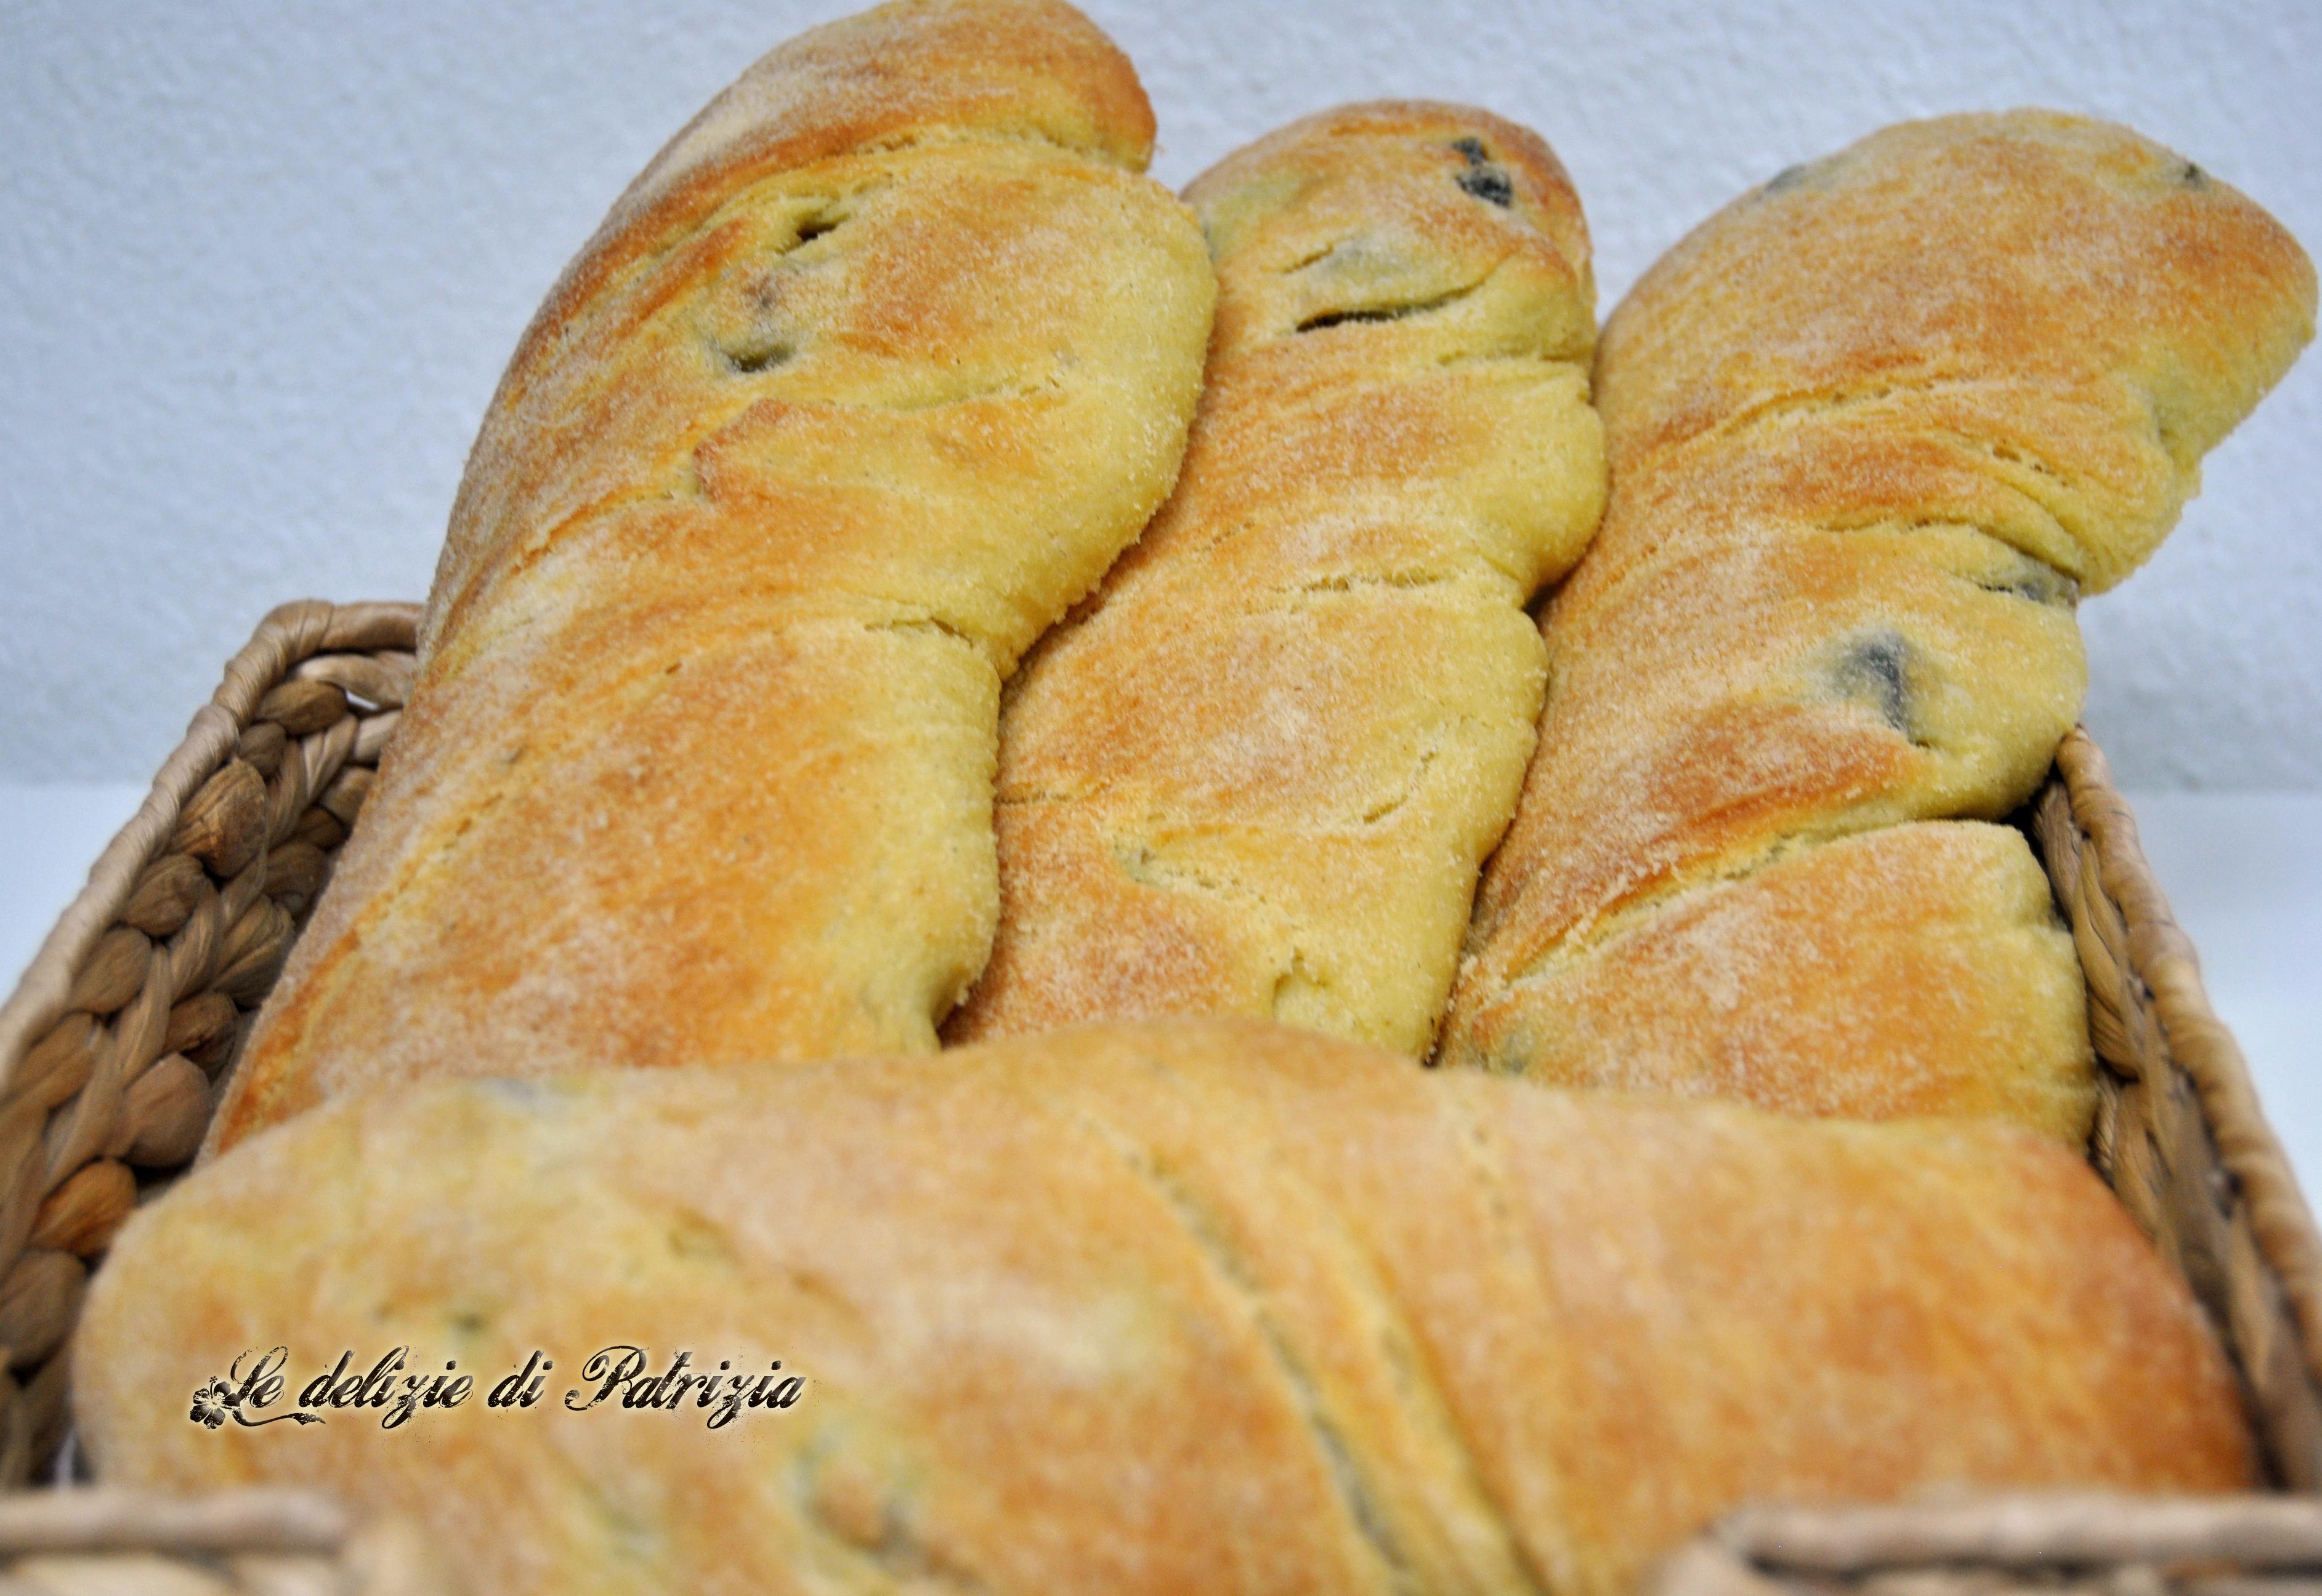 Filoni di semola alle olive